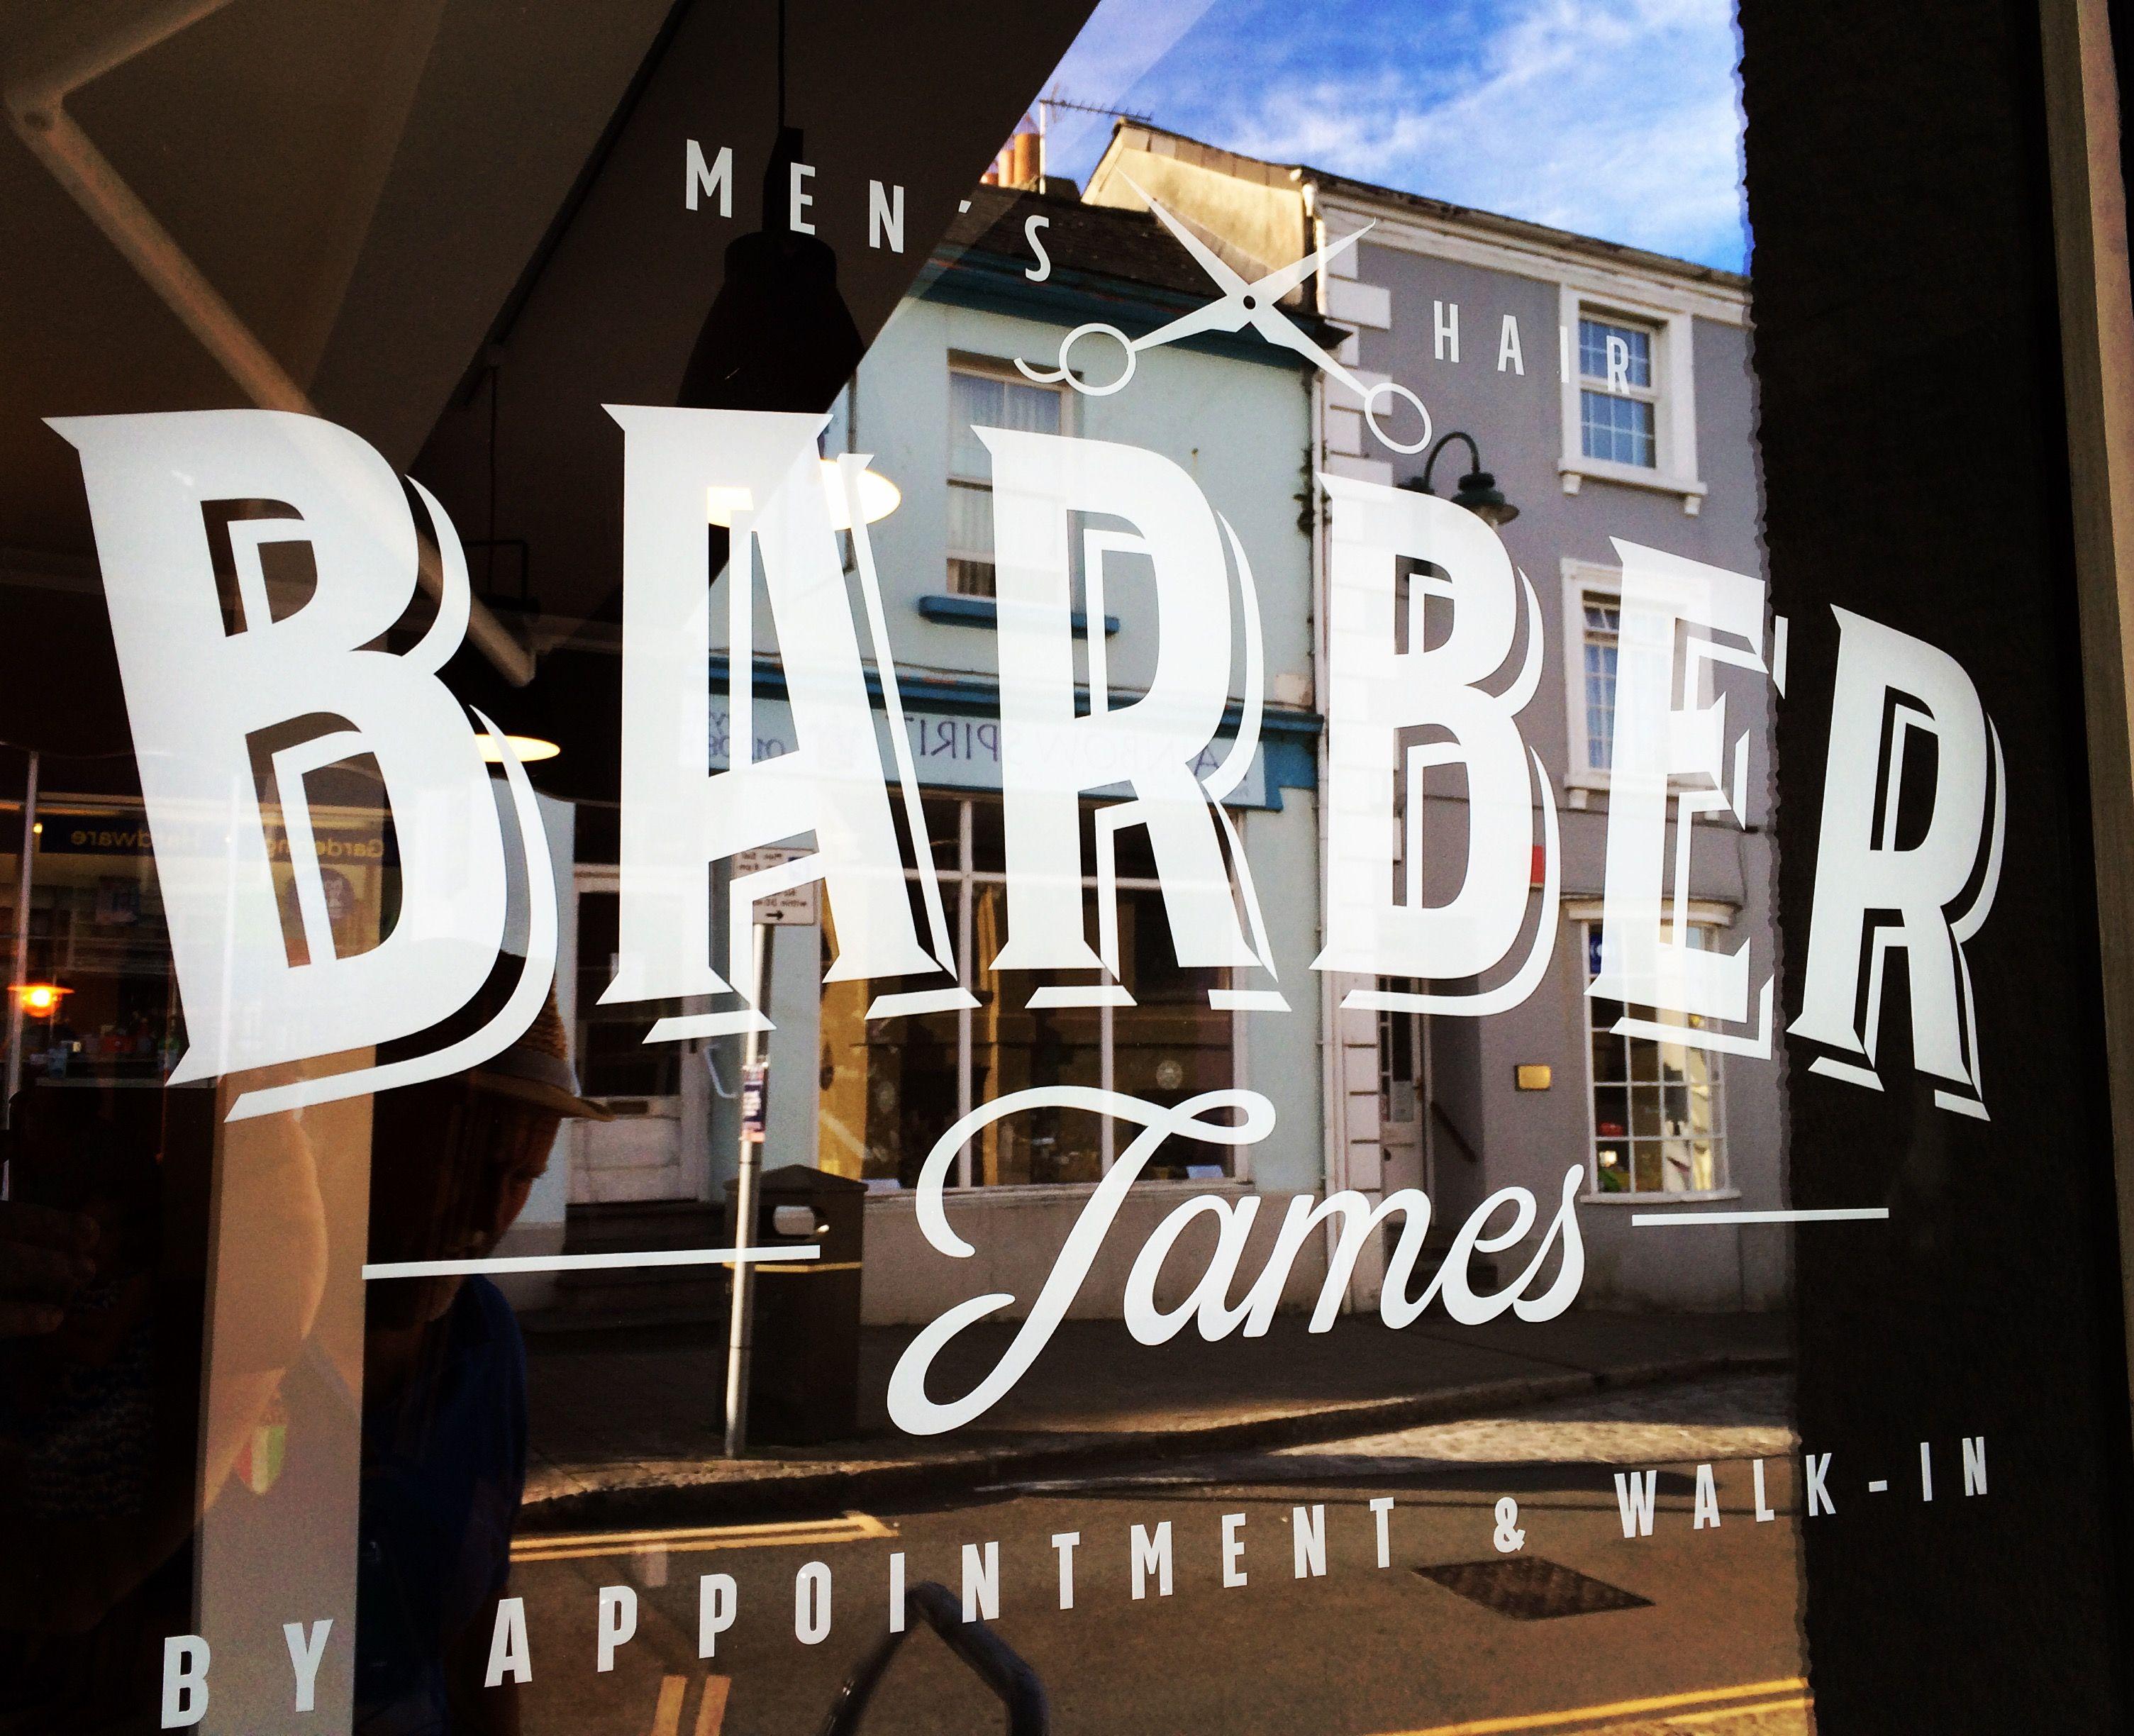 Barber shop window signage | Window signage, Signage, Shop ...